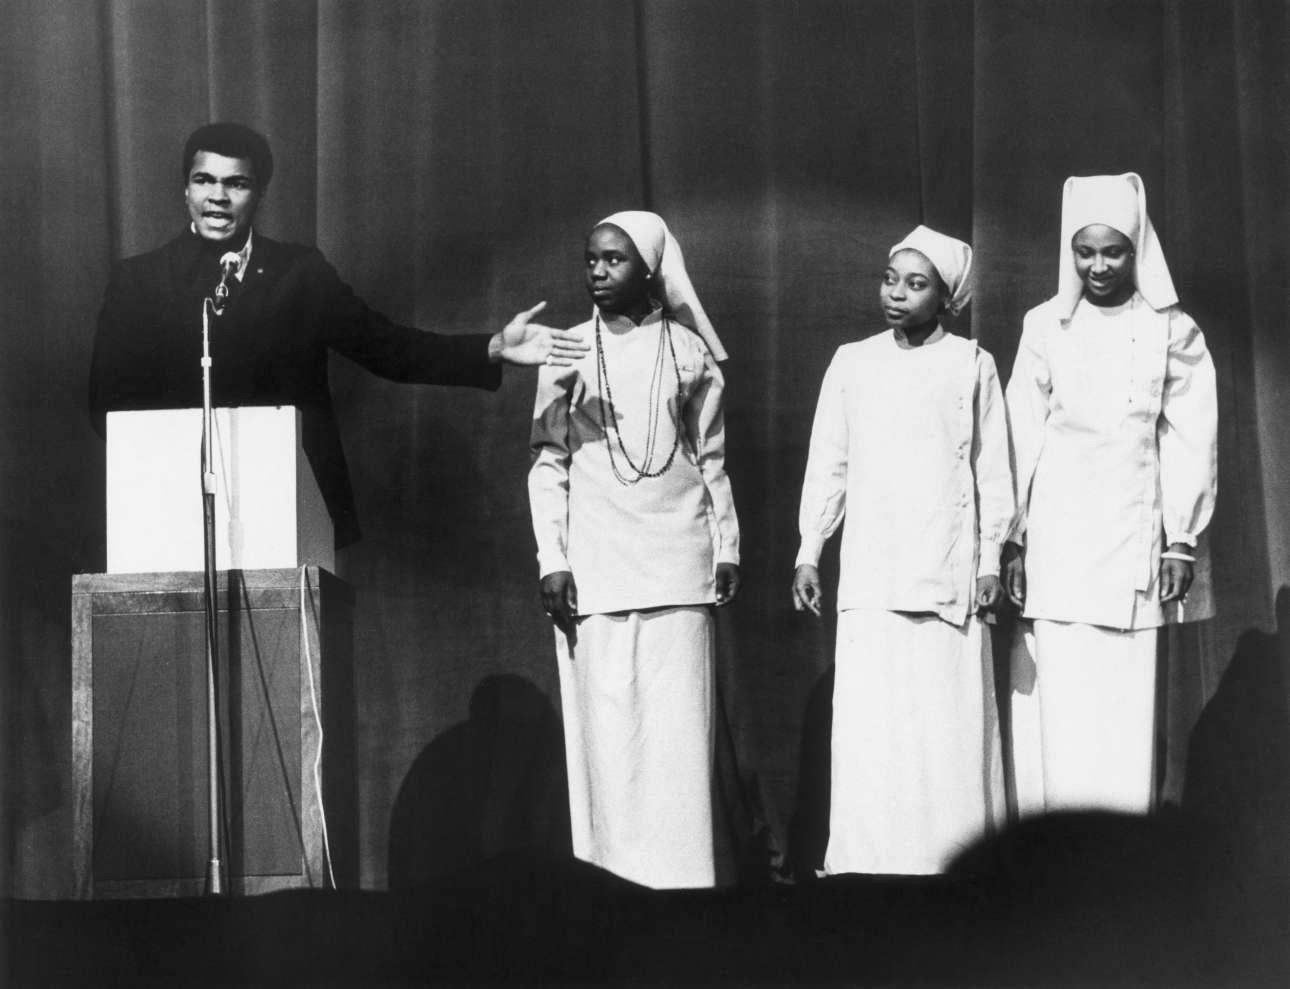 Δεκέμβριος 1974. Ο Μοχάμεντ Αλι στο Λονδίνο σε μια ομιλία υπέρ του Εθνους του Ισλάμ